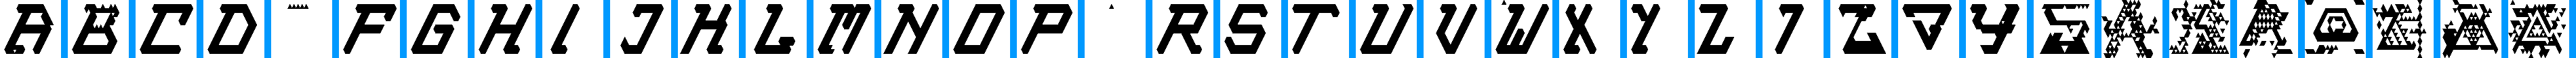 Particip-a-type v.223